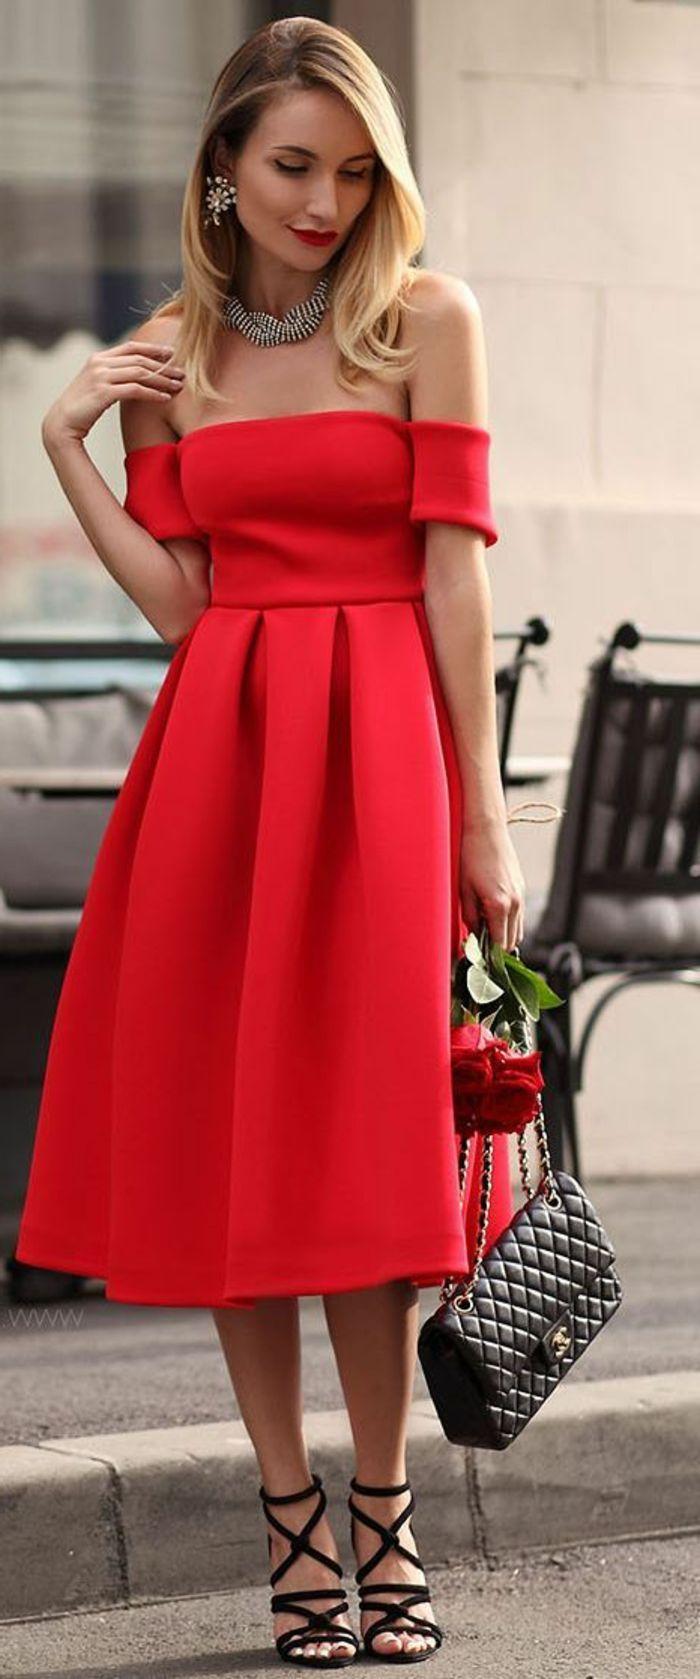 17 meilleures id es propos de couleur corail sur pinterest bottes corail ongles d 39 t roses. Black Bedroom Furniture Sets. Home Design Ideas